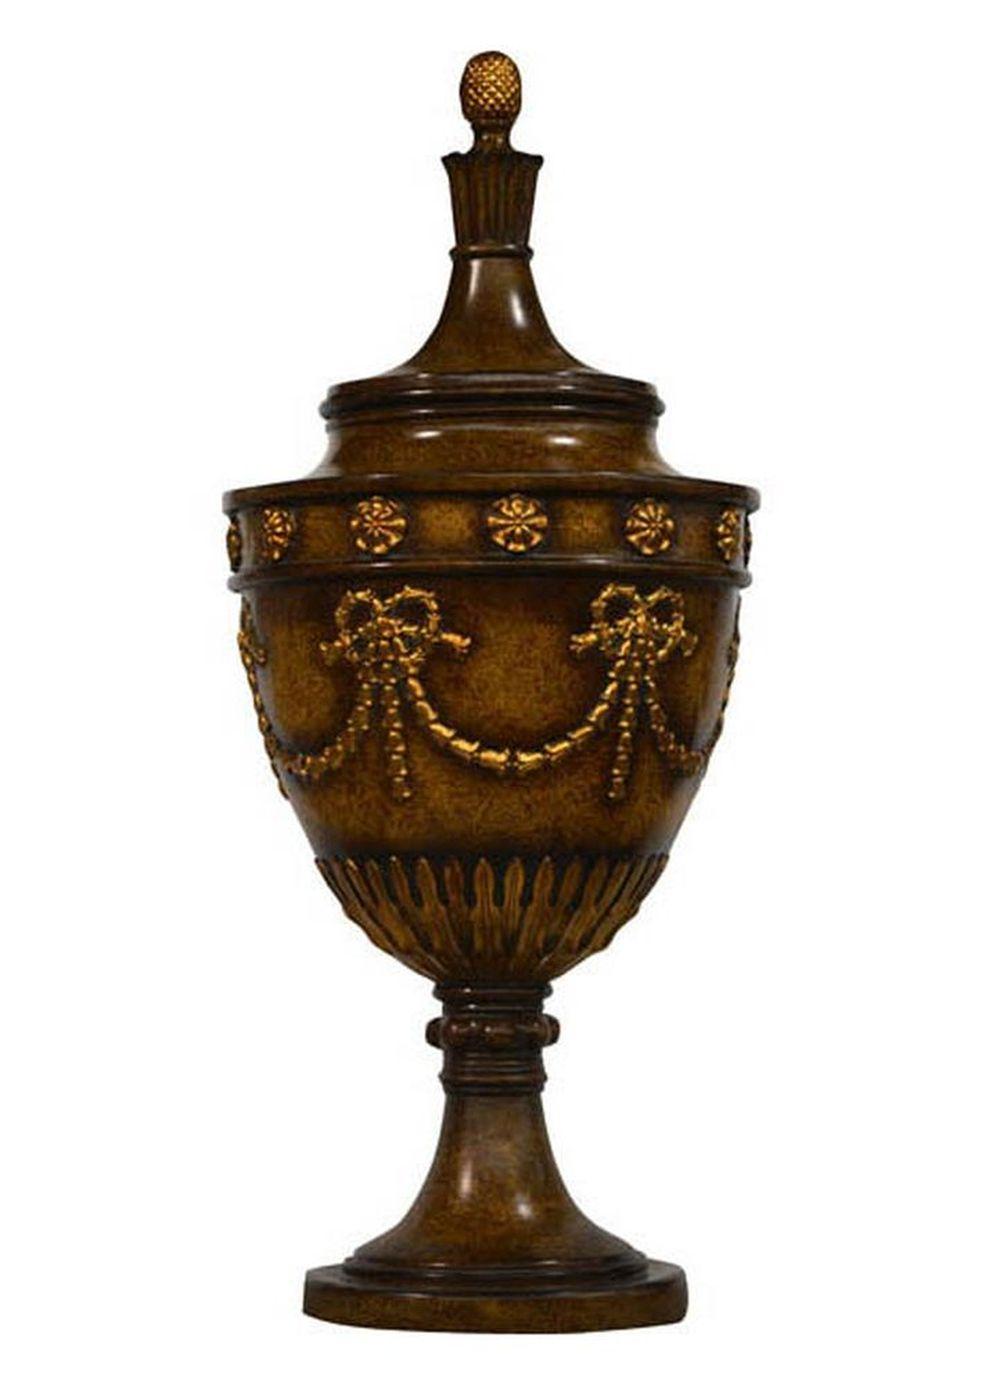 Pair of Valeria-style urns